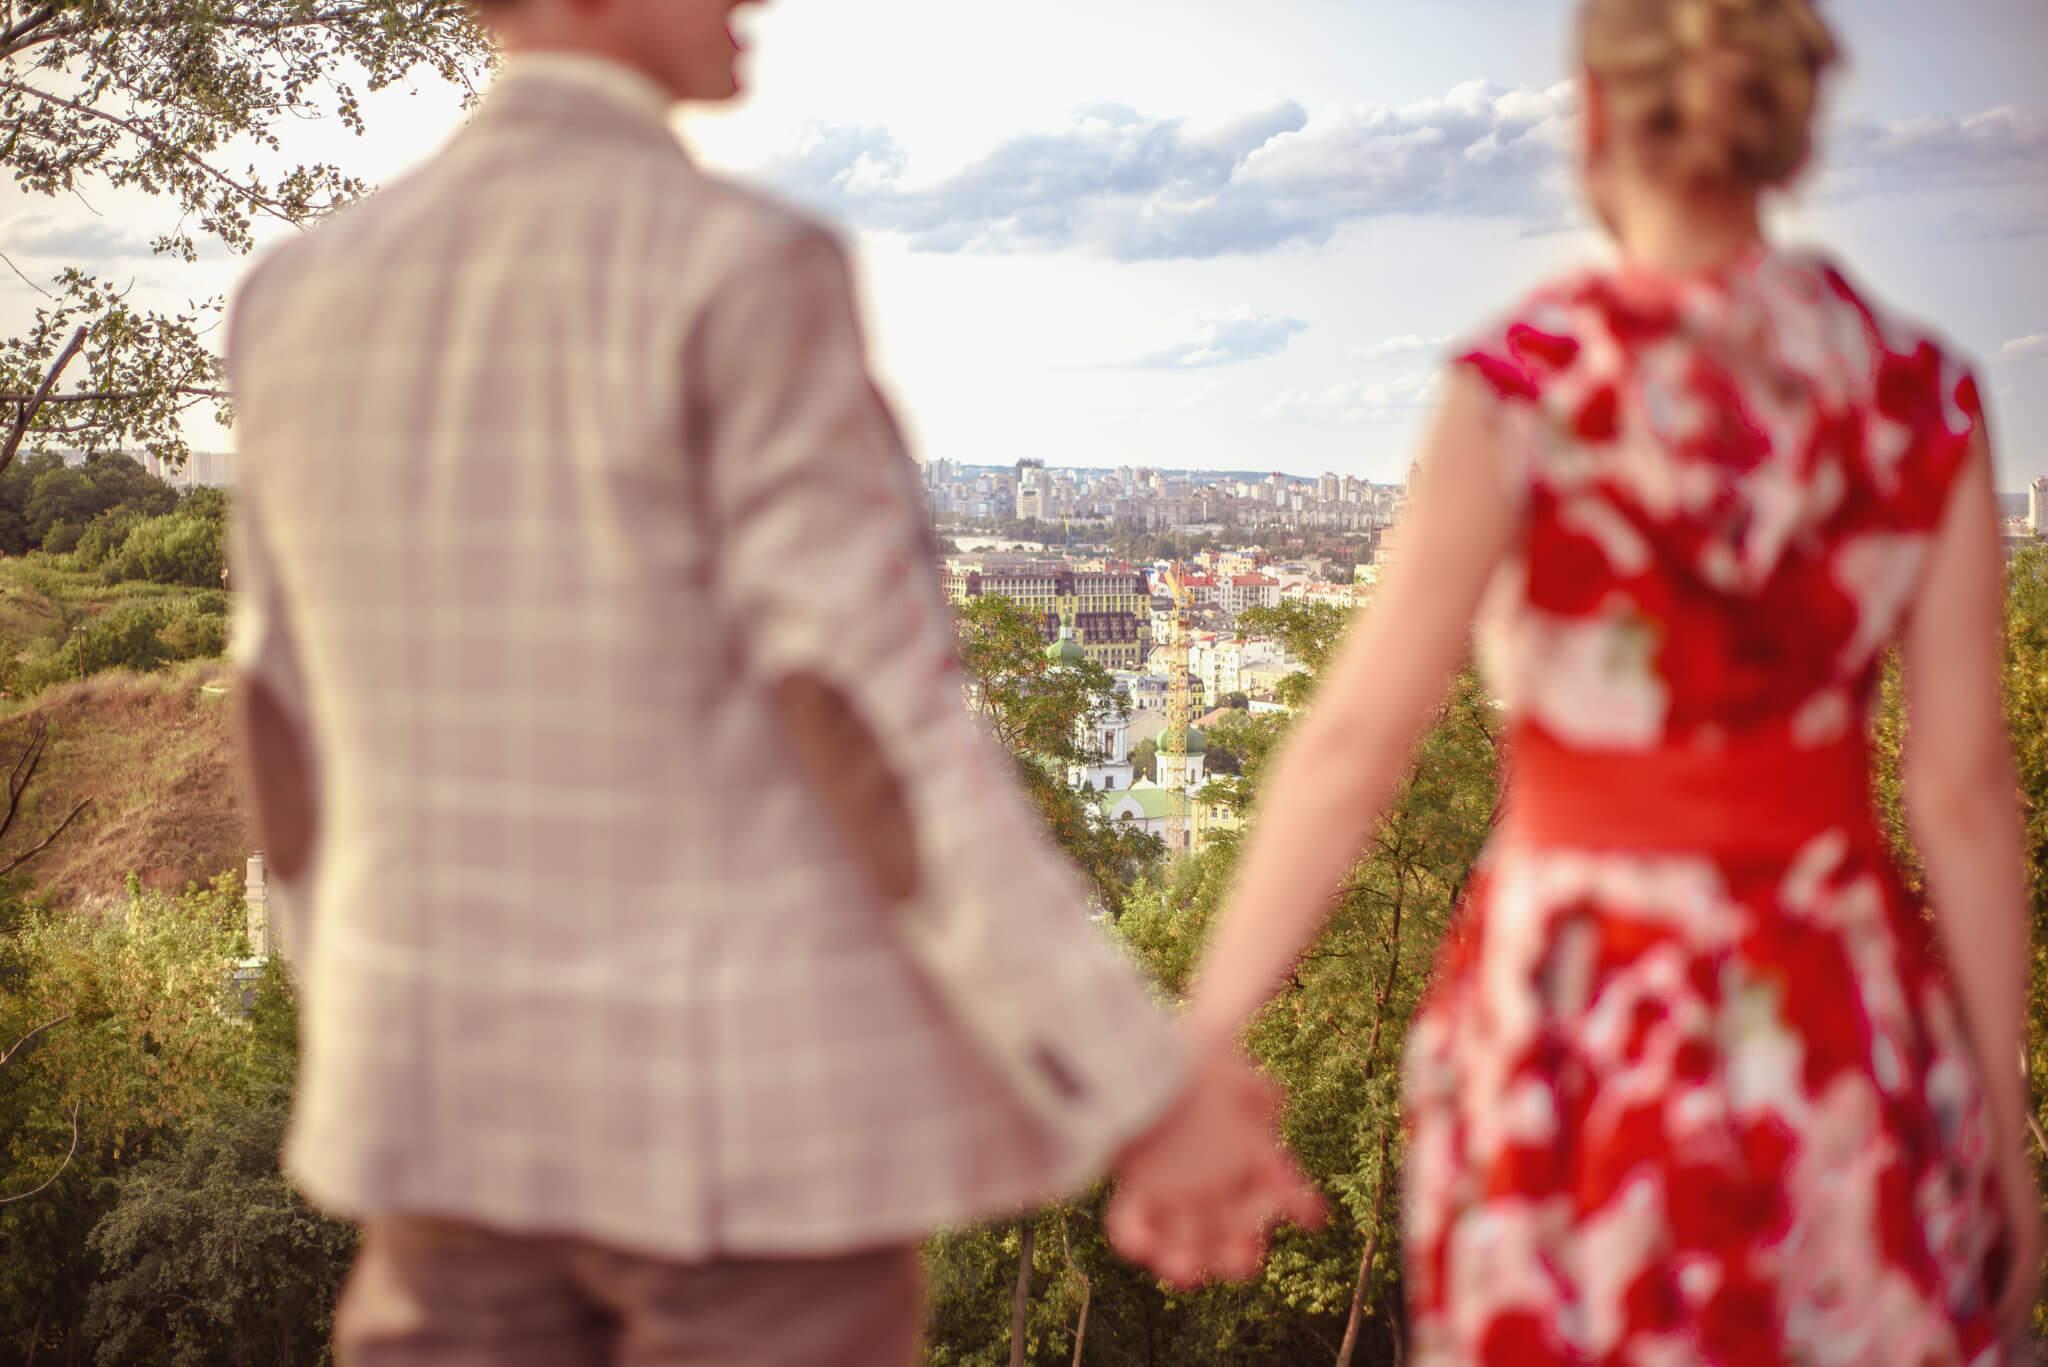 Love story фотосессия на природе, прогулка по городу, Андреевский спуск, пара взявшись за руки смотрит на Киев, ph Постникова Алиса